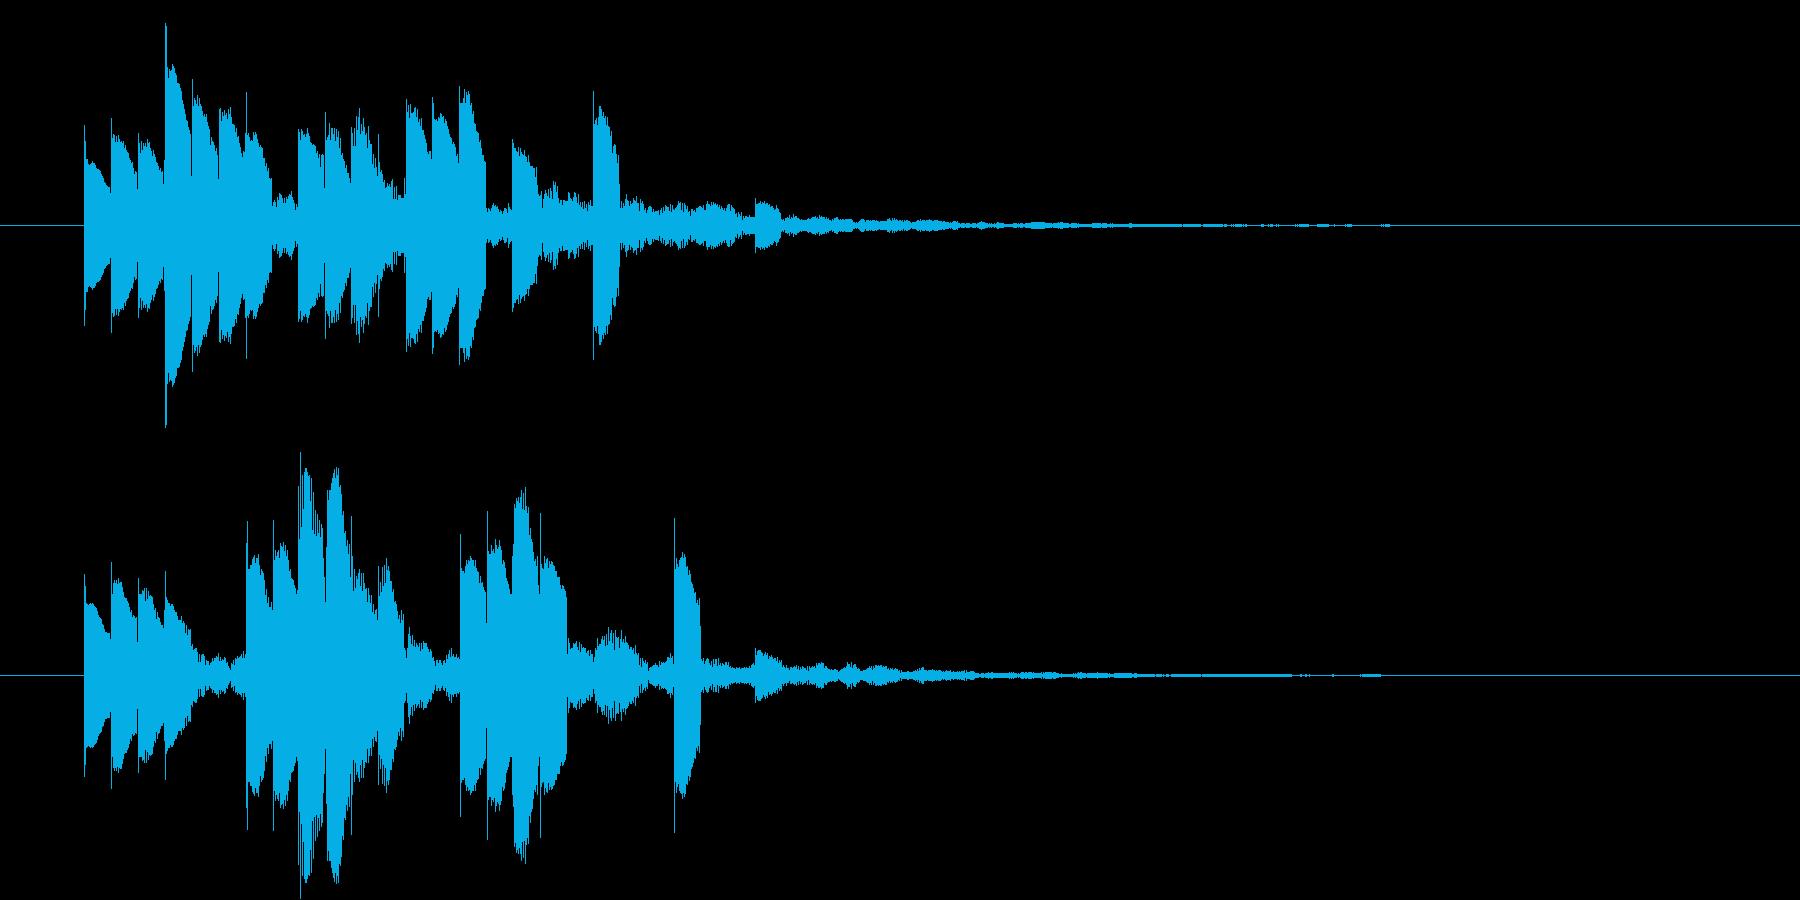 ピロピロピロピロ・・・の再生済みの波形